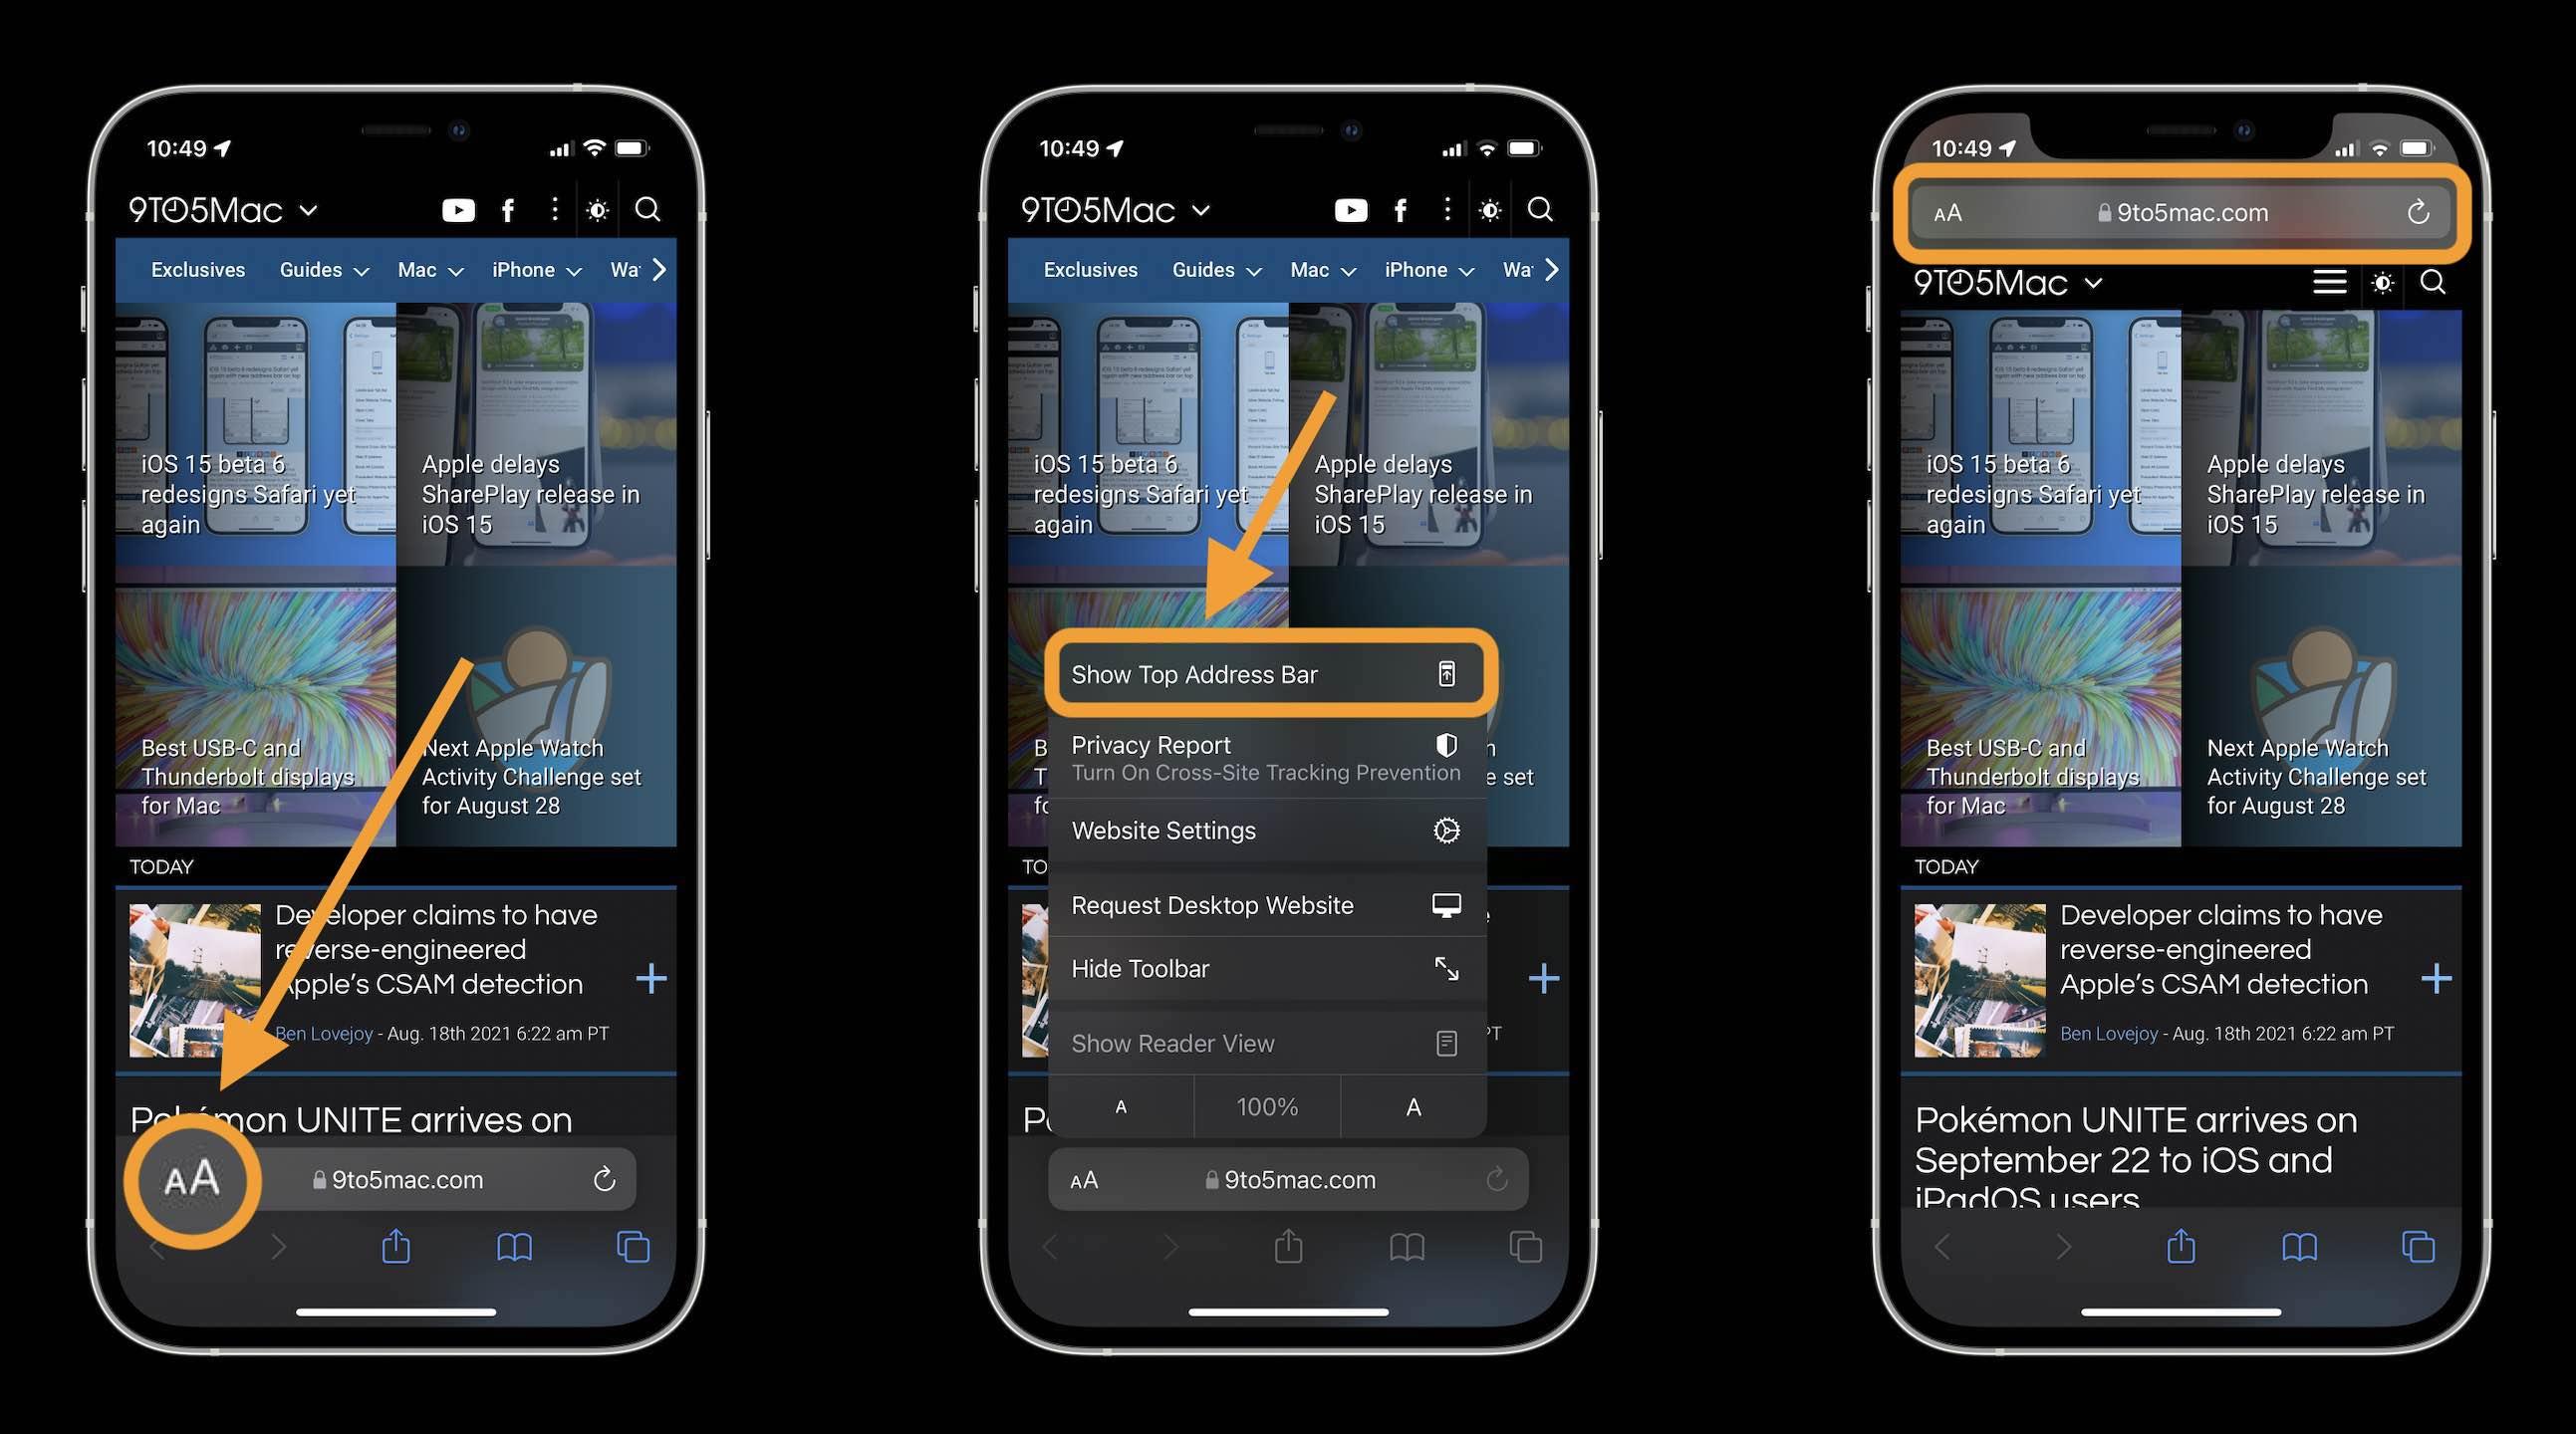 Как сделать изменить адрес / строку поиска iOS 15 Safari на iPhone, пошаговое руководство 1 - коснитесь значка A в нижнем левом углу в строке адреса / поиска и коснитесь «Показать верхнюю адресную строку»